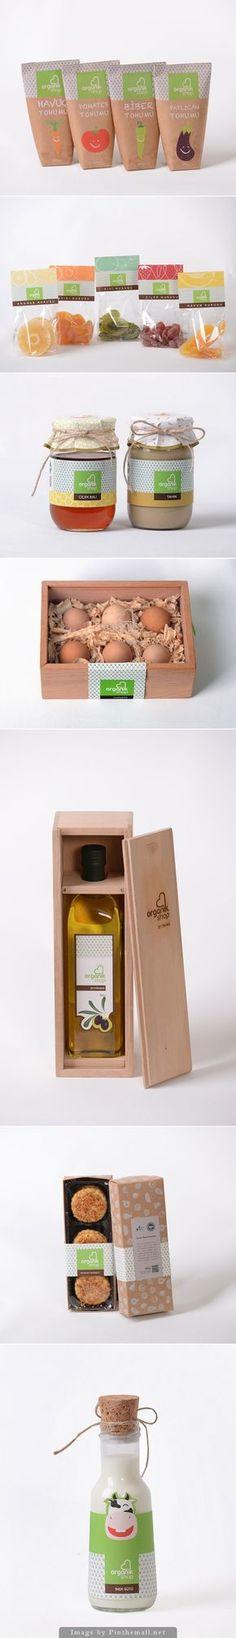 Un #diseño de #packaging #elegante, #organico y #bonito. Si lo viese en #tienda…